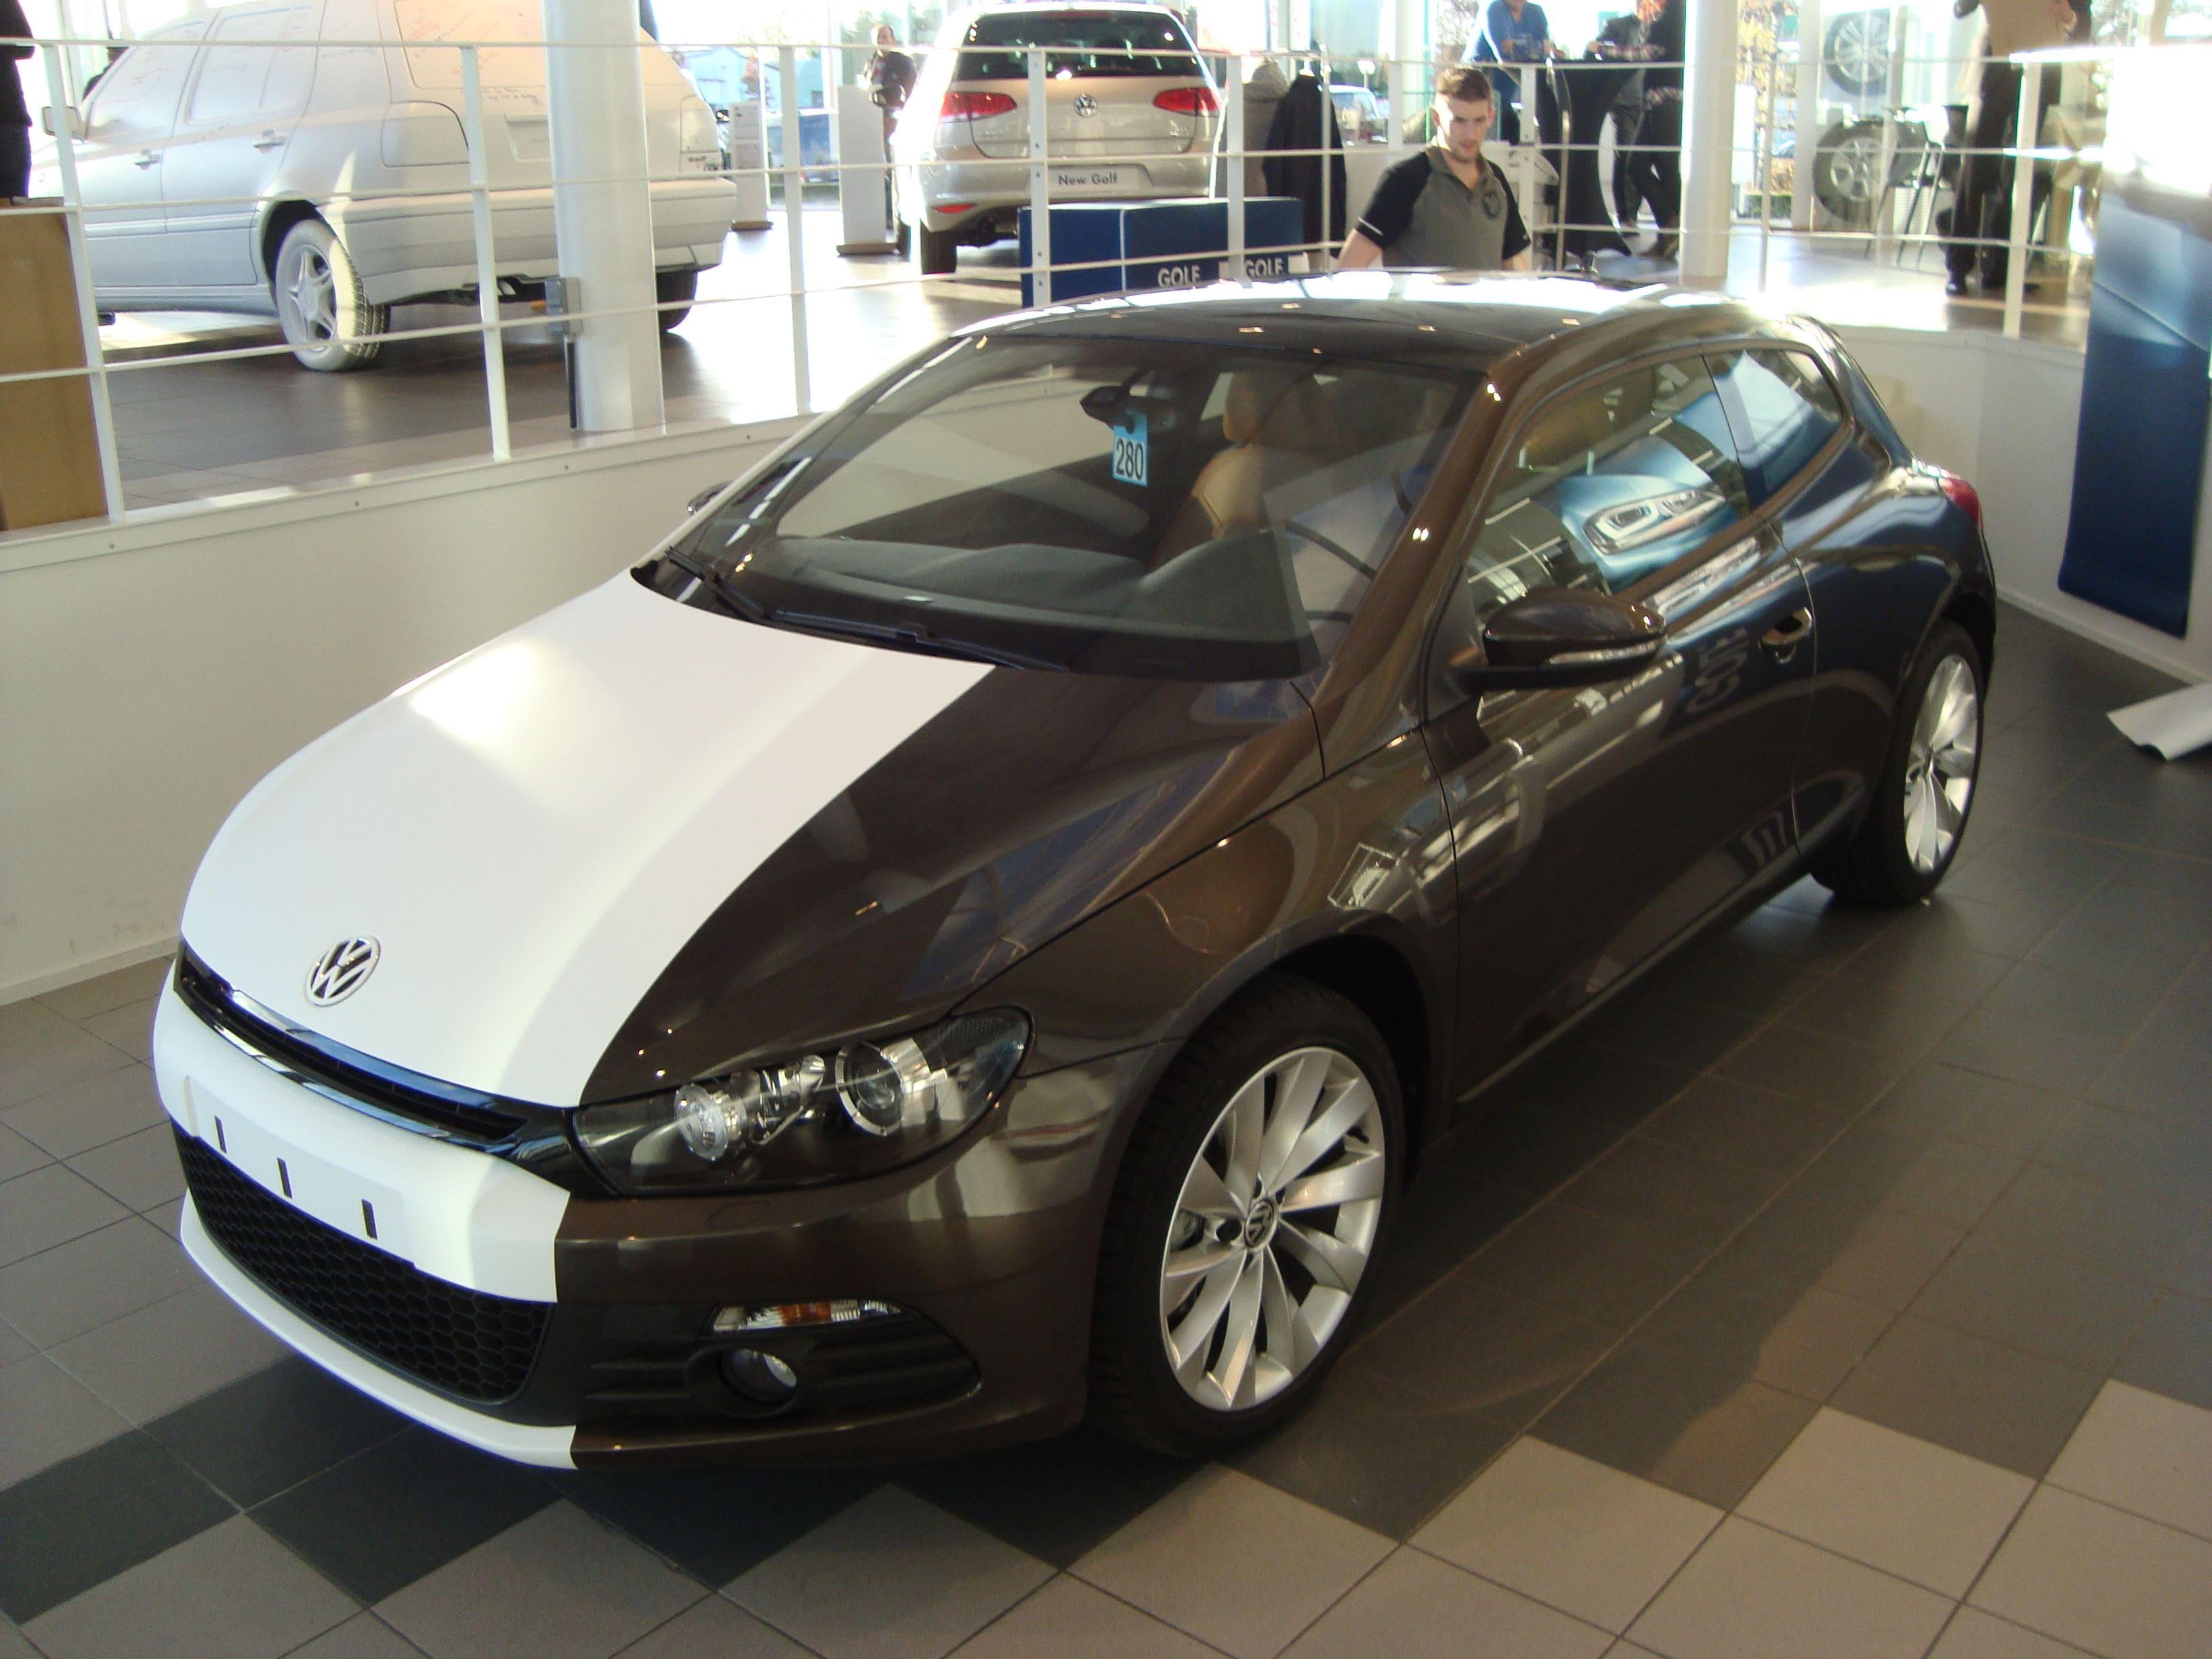 Volkswagen Scirocco met Halve Wrap in Zwart Wit, Carwrapping door Wrapmyride.nu Foto-nr:7046, ©2020